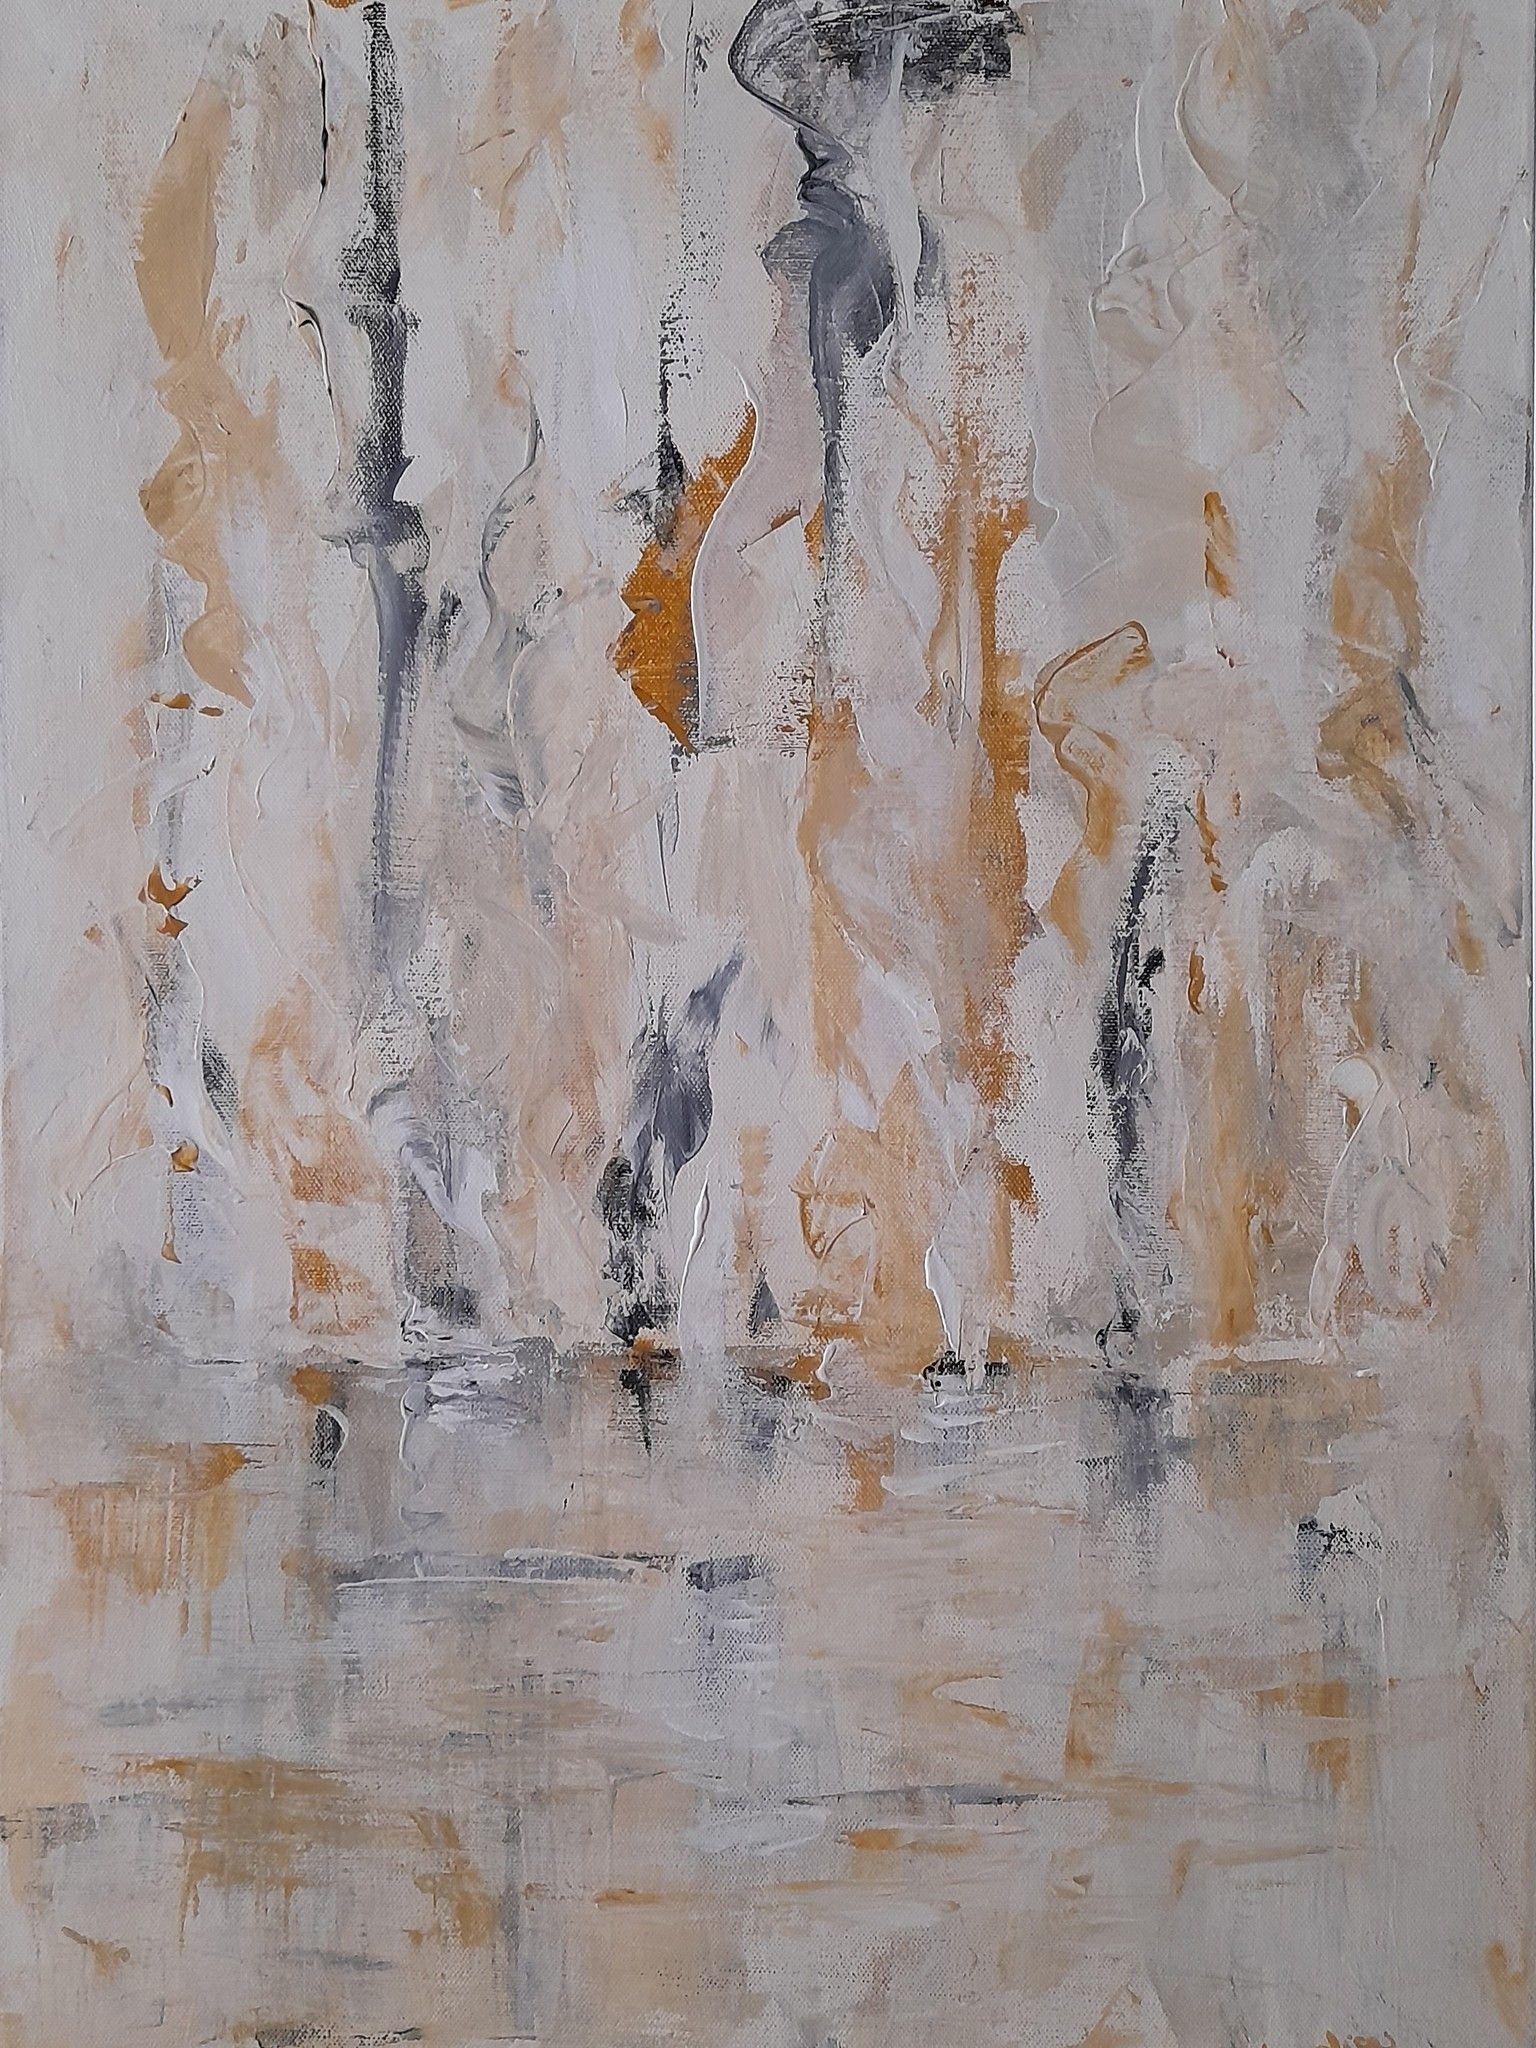 ACRILICO SU TELA  ANNALISA COLOMBO  ' FLUIDITA' '  dimensioni L 50 x H 70 cm.